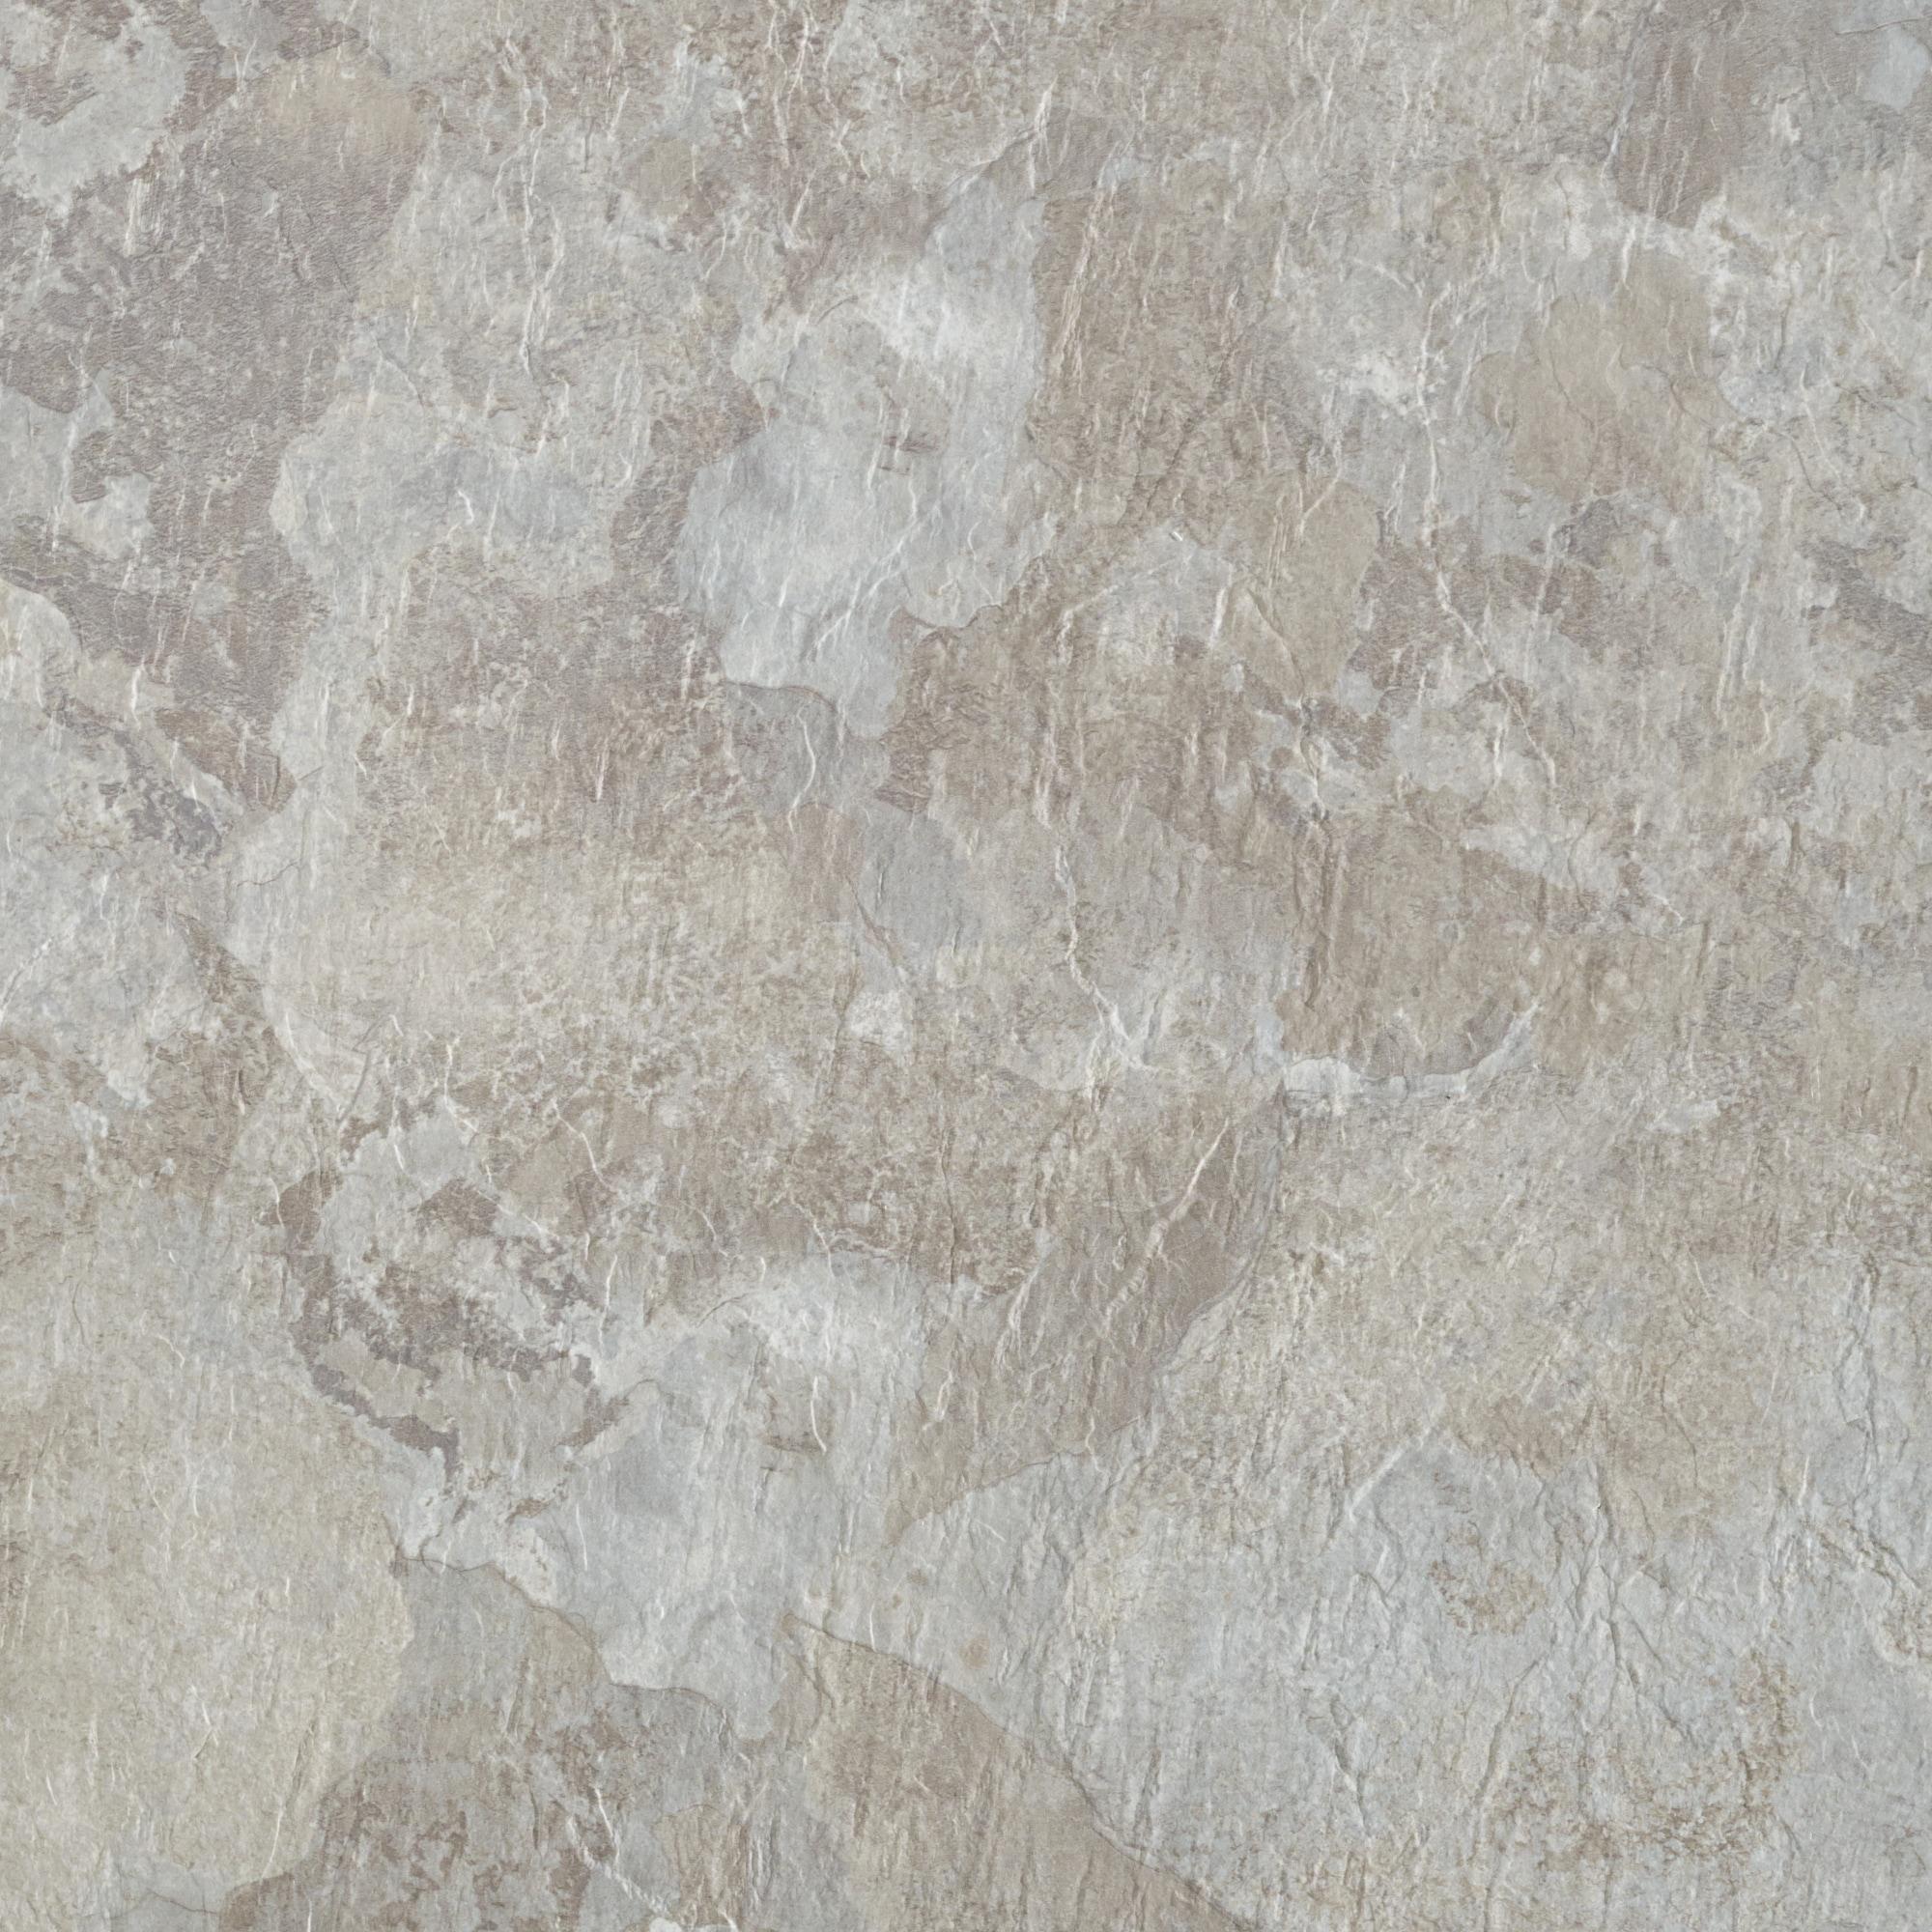 Achim Majestic Light Gray Slate 18x18 Self Adhesive Vinyl Floor Tile - 10 Tiles/22.5 sq. ft. (18x18 - Light Gray Slate)